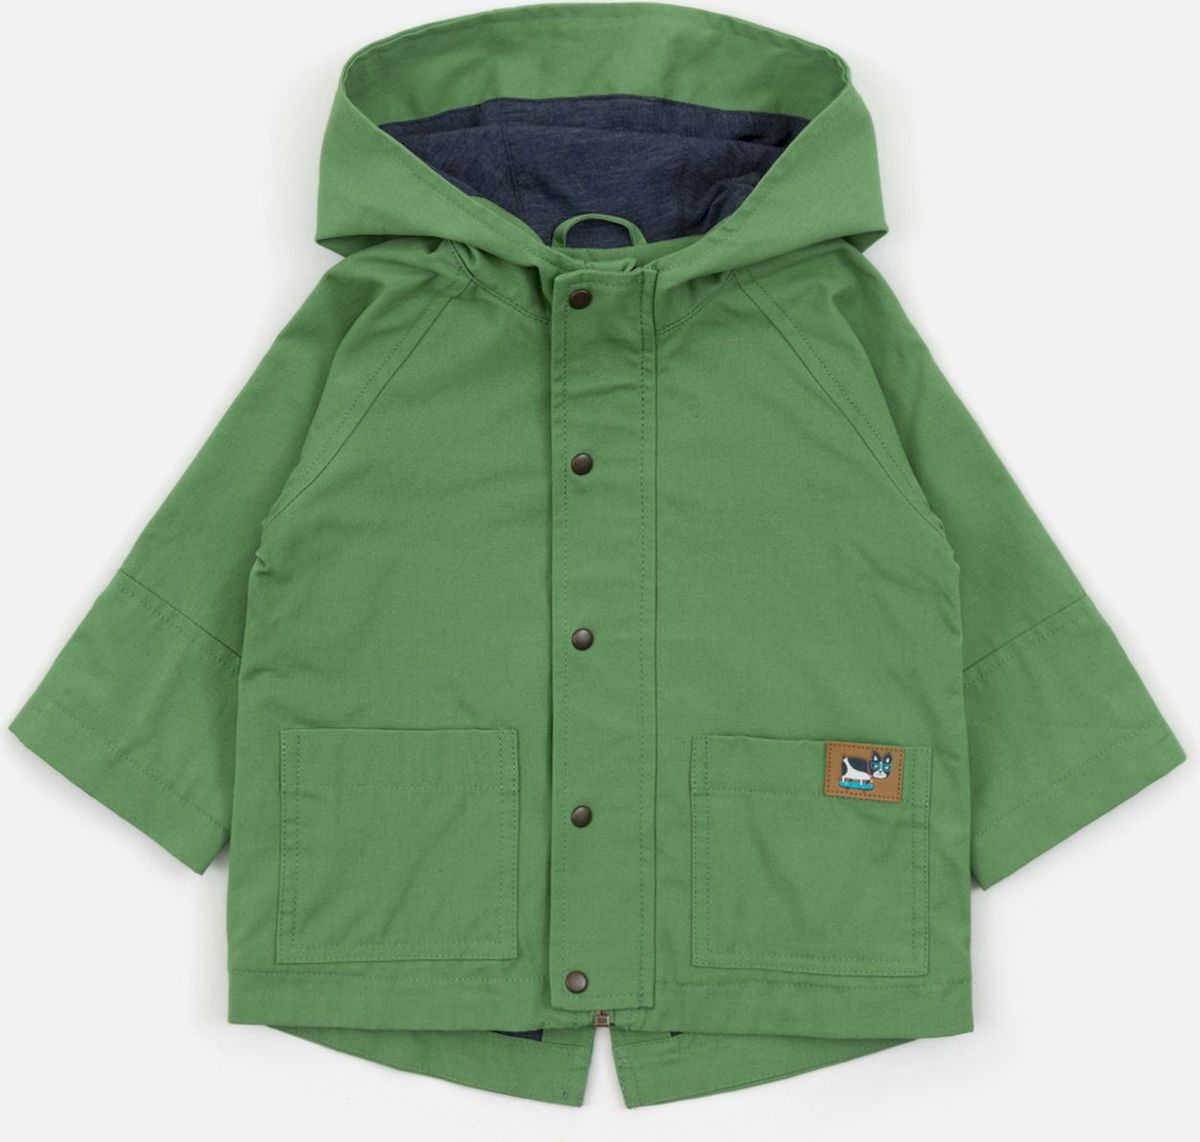 купить Куртка Acoola Acoola Baby по цене 1679 рублей